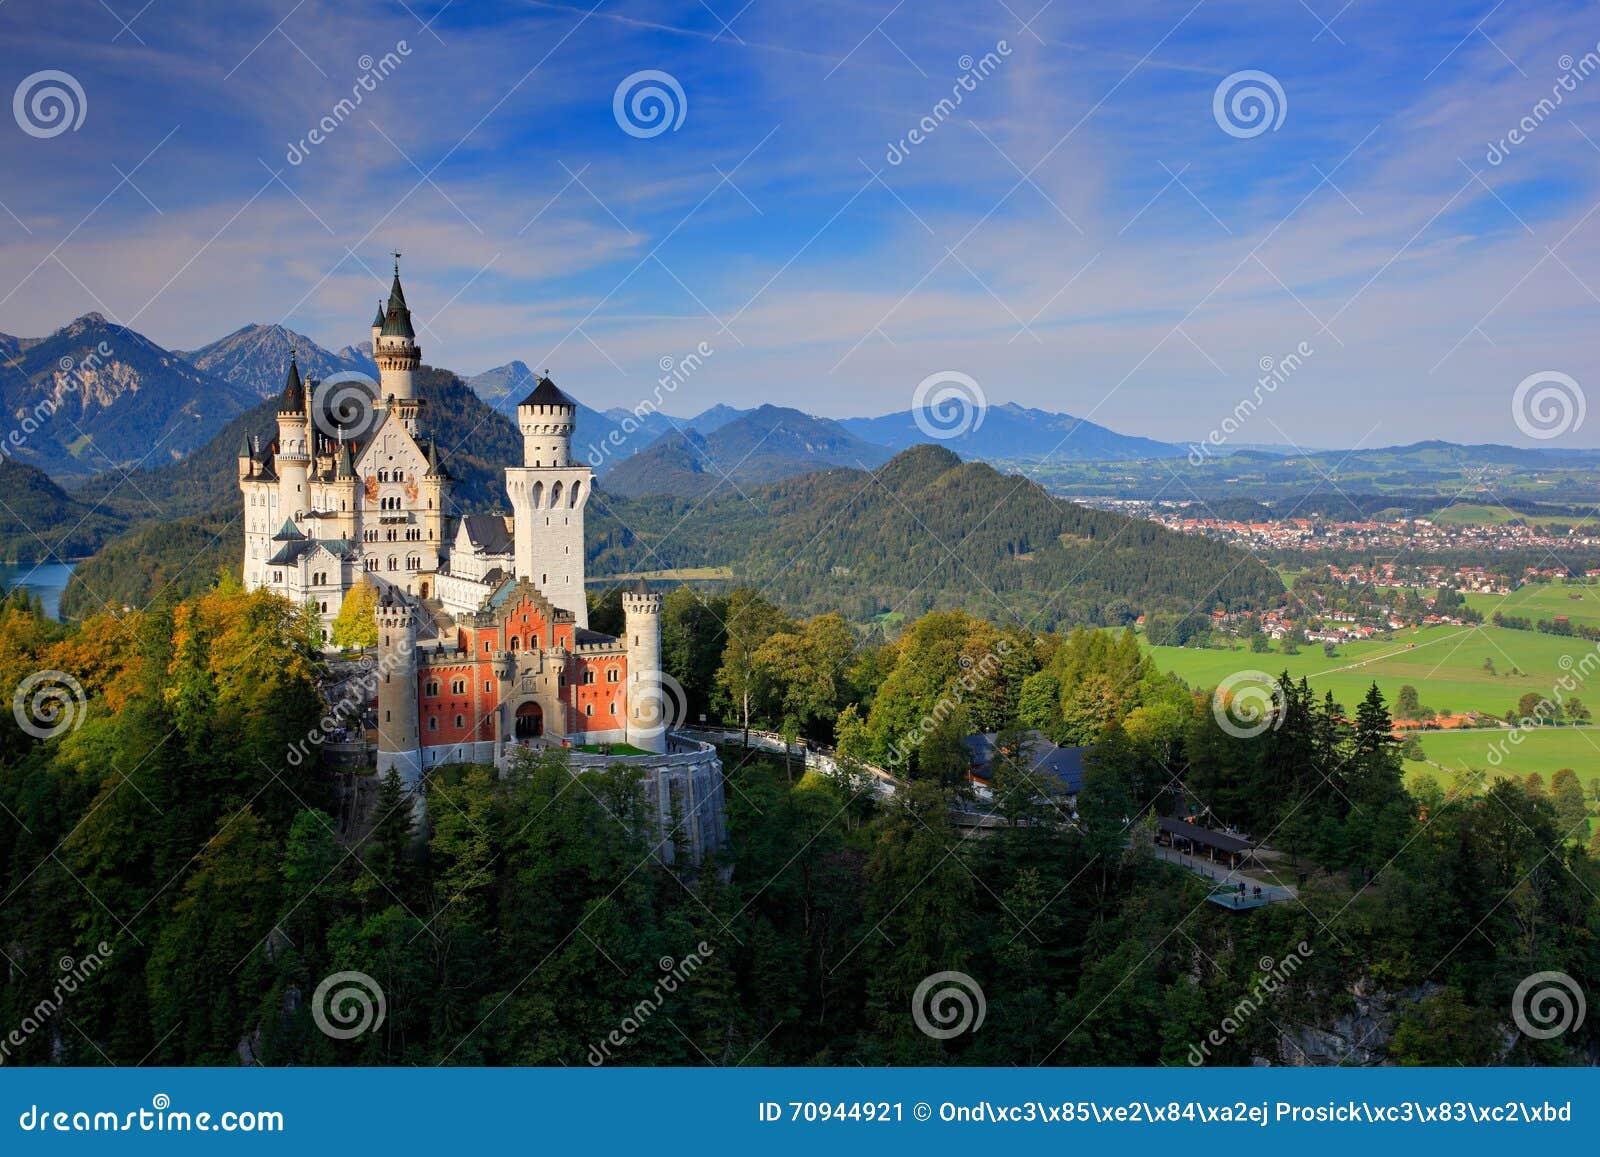 Het beroemde Kasteel van sprookjeneuschwanstein in Beieren, Duitsland, recente middag met blauwe hemel met witte wolken